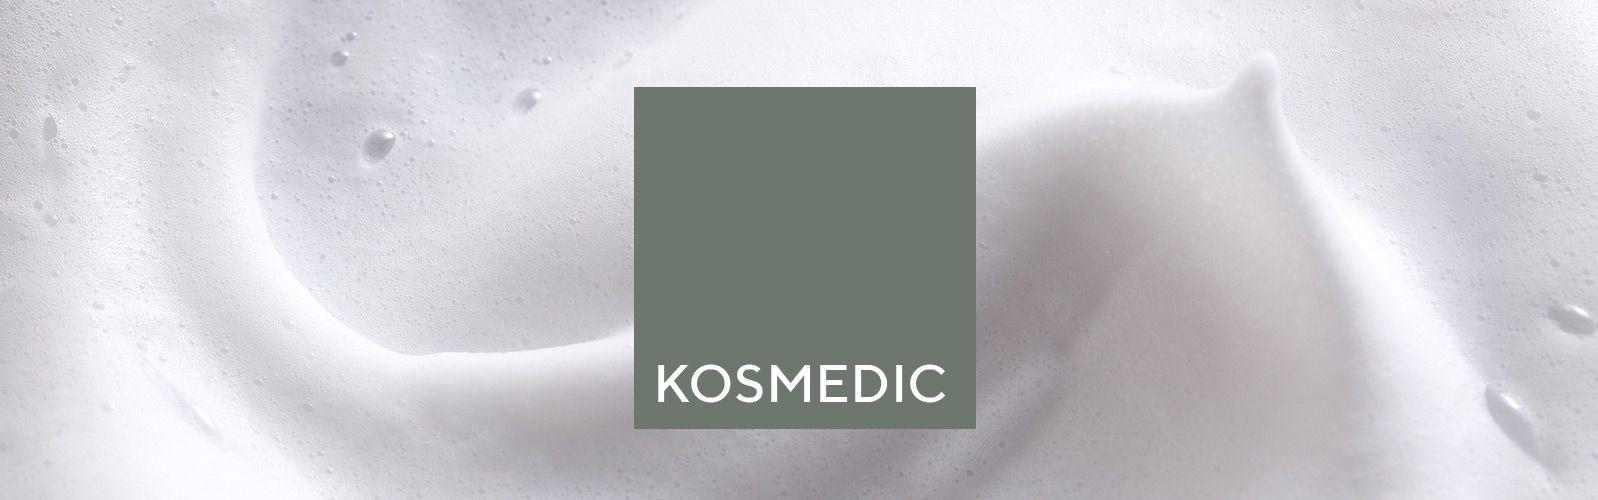 KosMedic